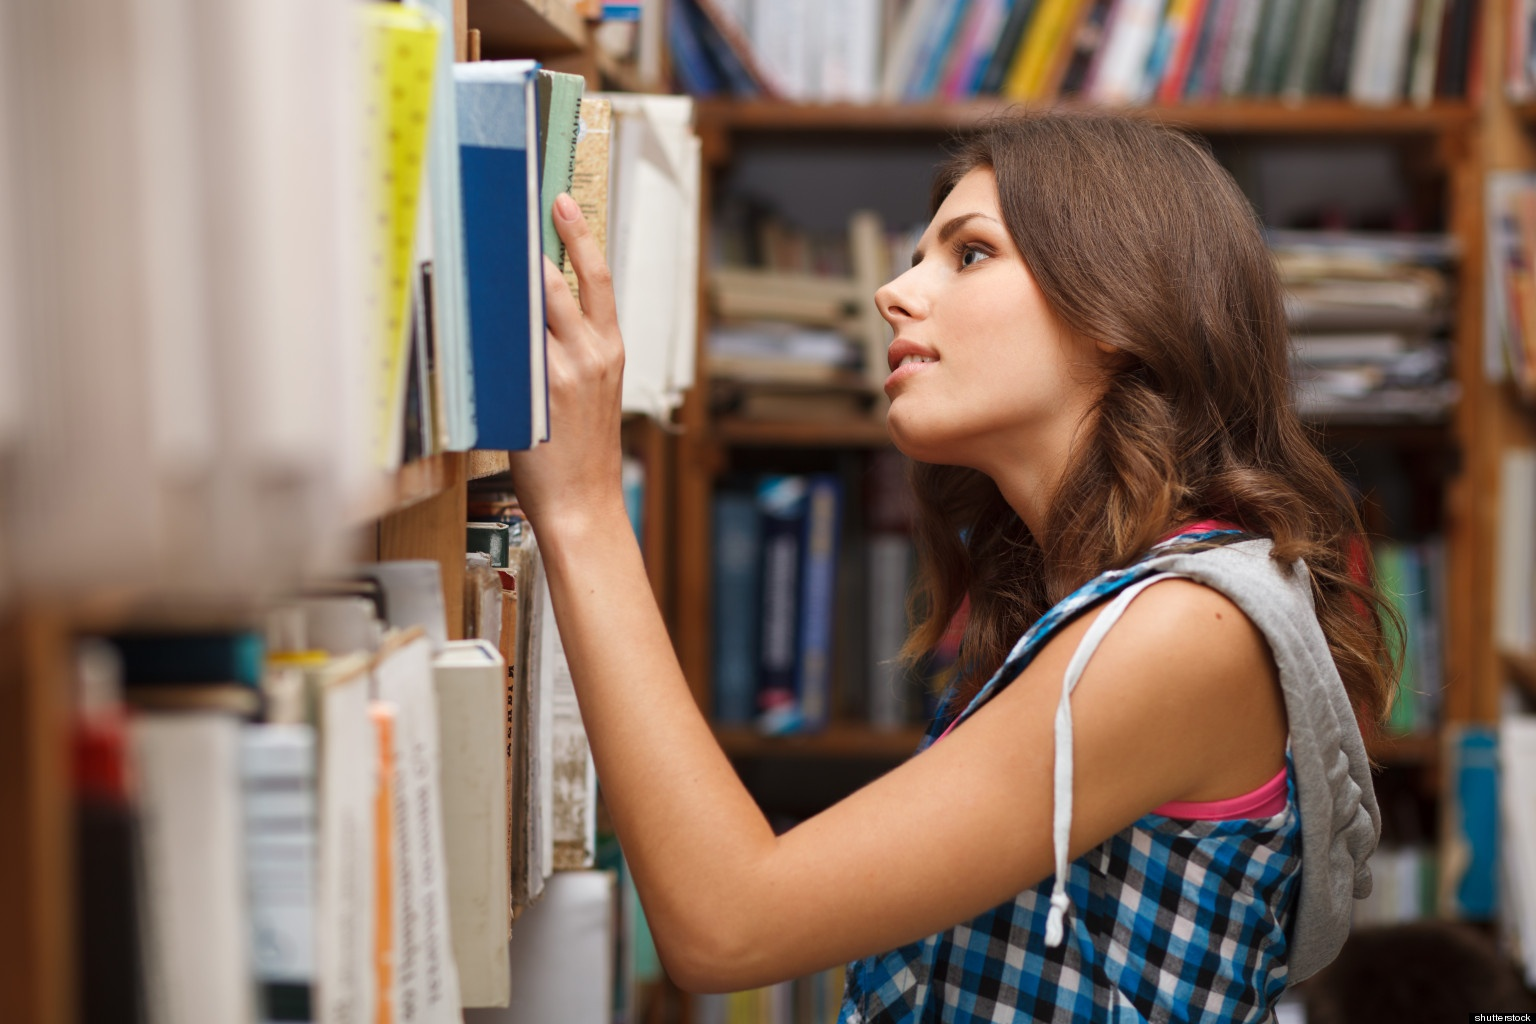 ¿Por qué es importante tener un plan B para la universidad? - Featured Image